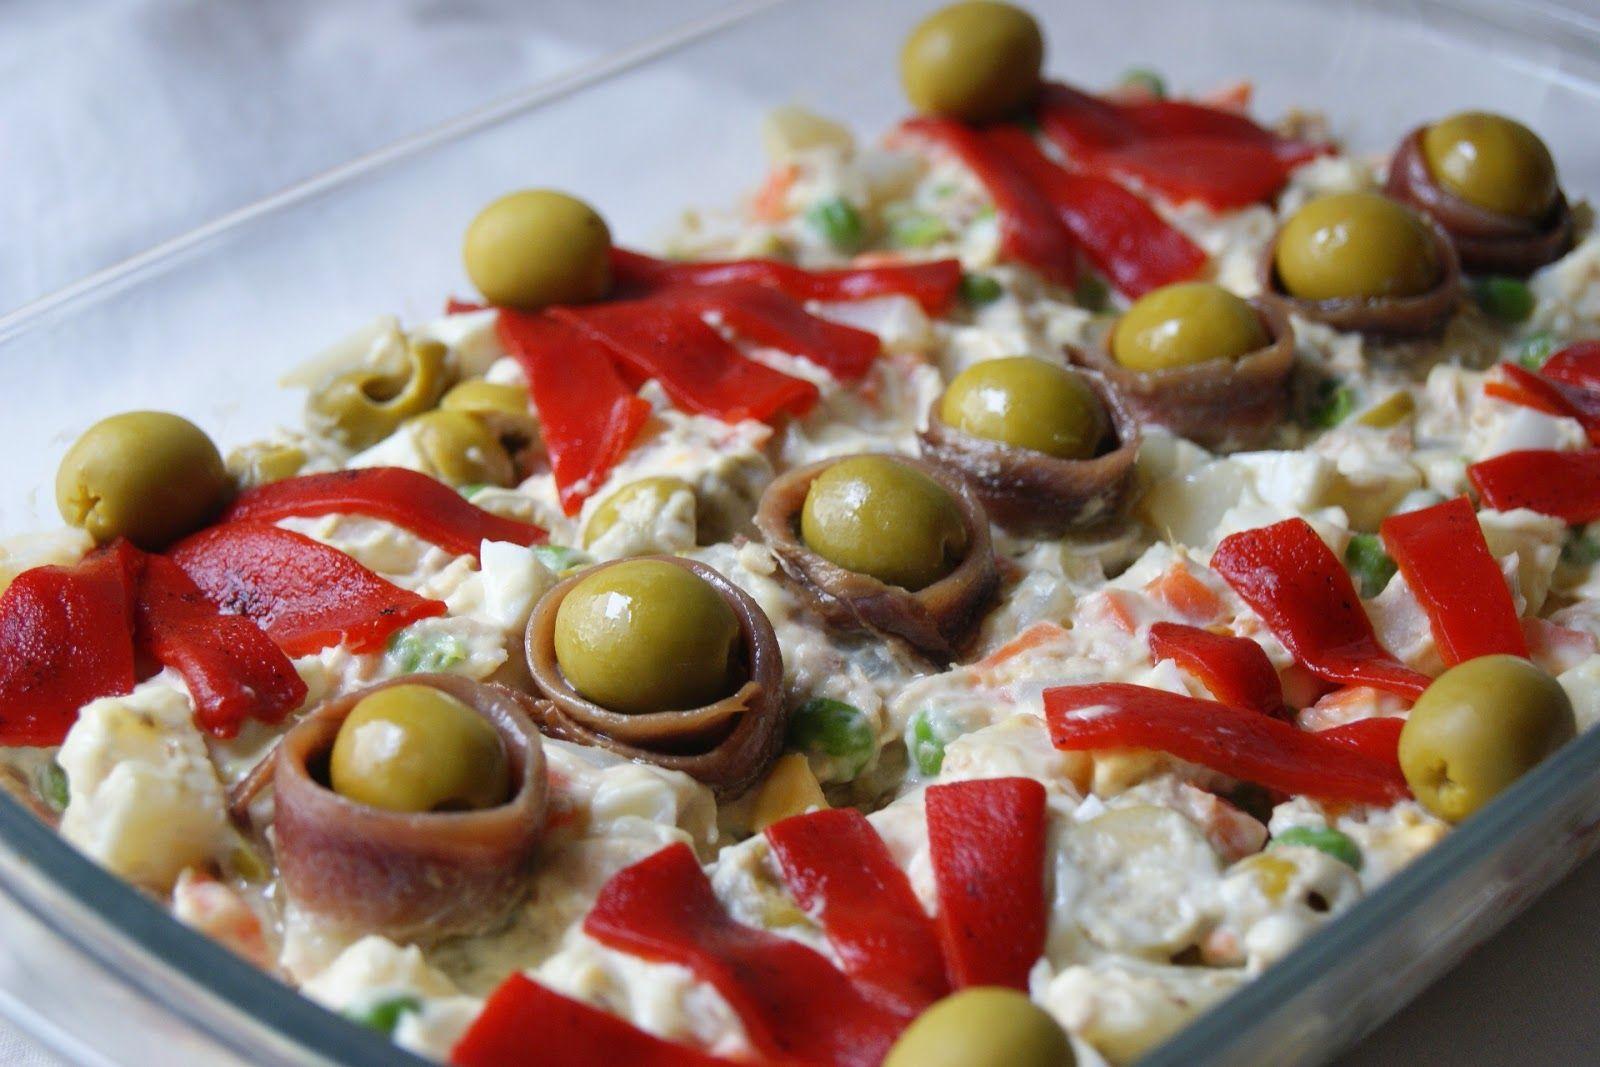 Anna recetas fáciles: Ensaladilla rusa | cocina | Pinterest | Anna ...